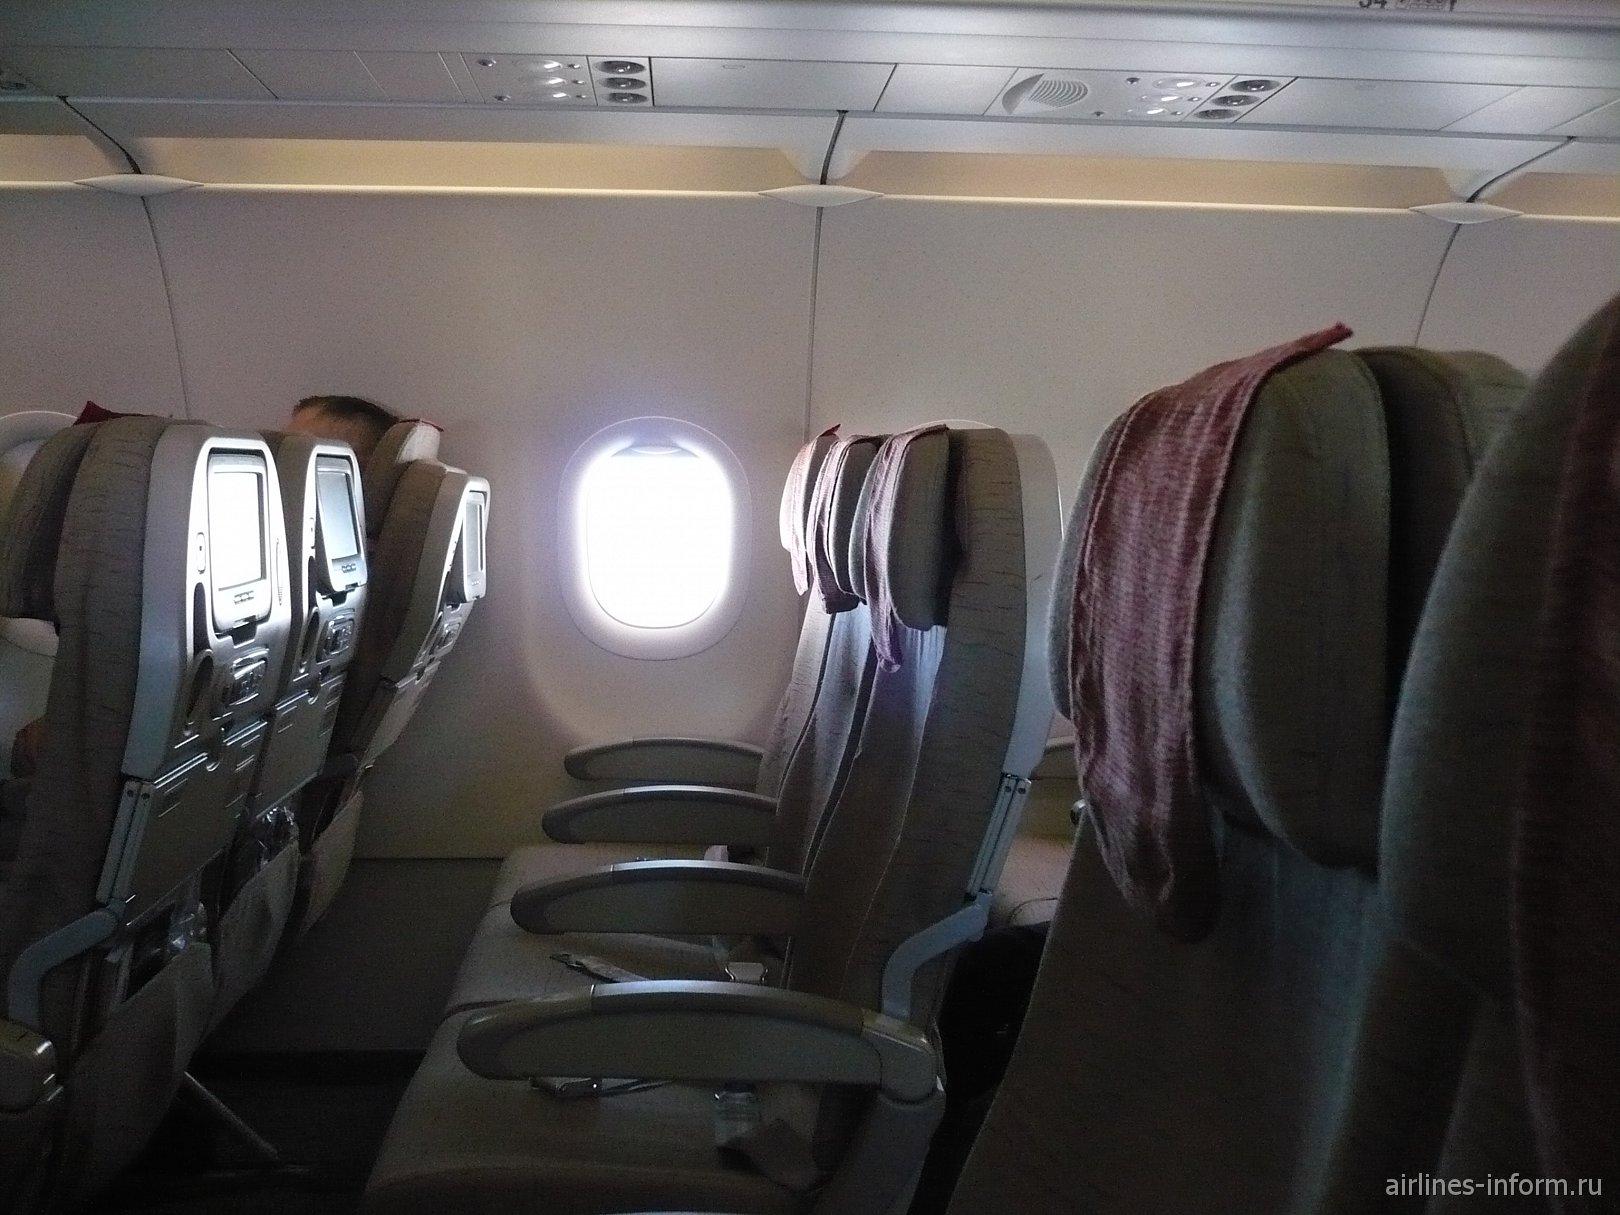 Как видете, можно было занять наиболее удобное для пассажира место, особенно во 2-ом салоне Арбуза.